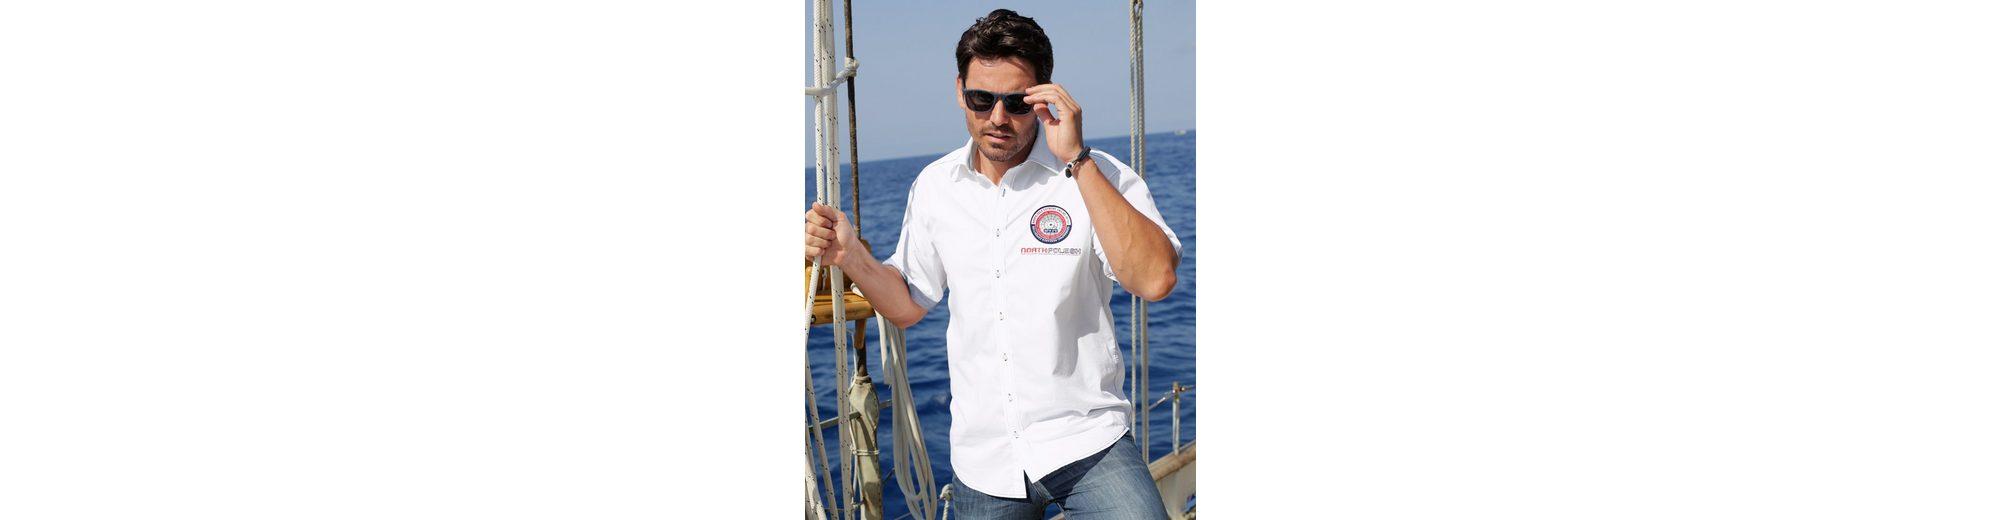 Babista Hemd mit kontrastreichen Ziernähten Empfehlen Günstigen Preis CzNRAOY7Z